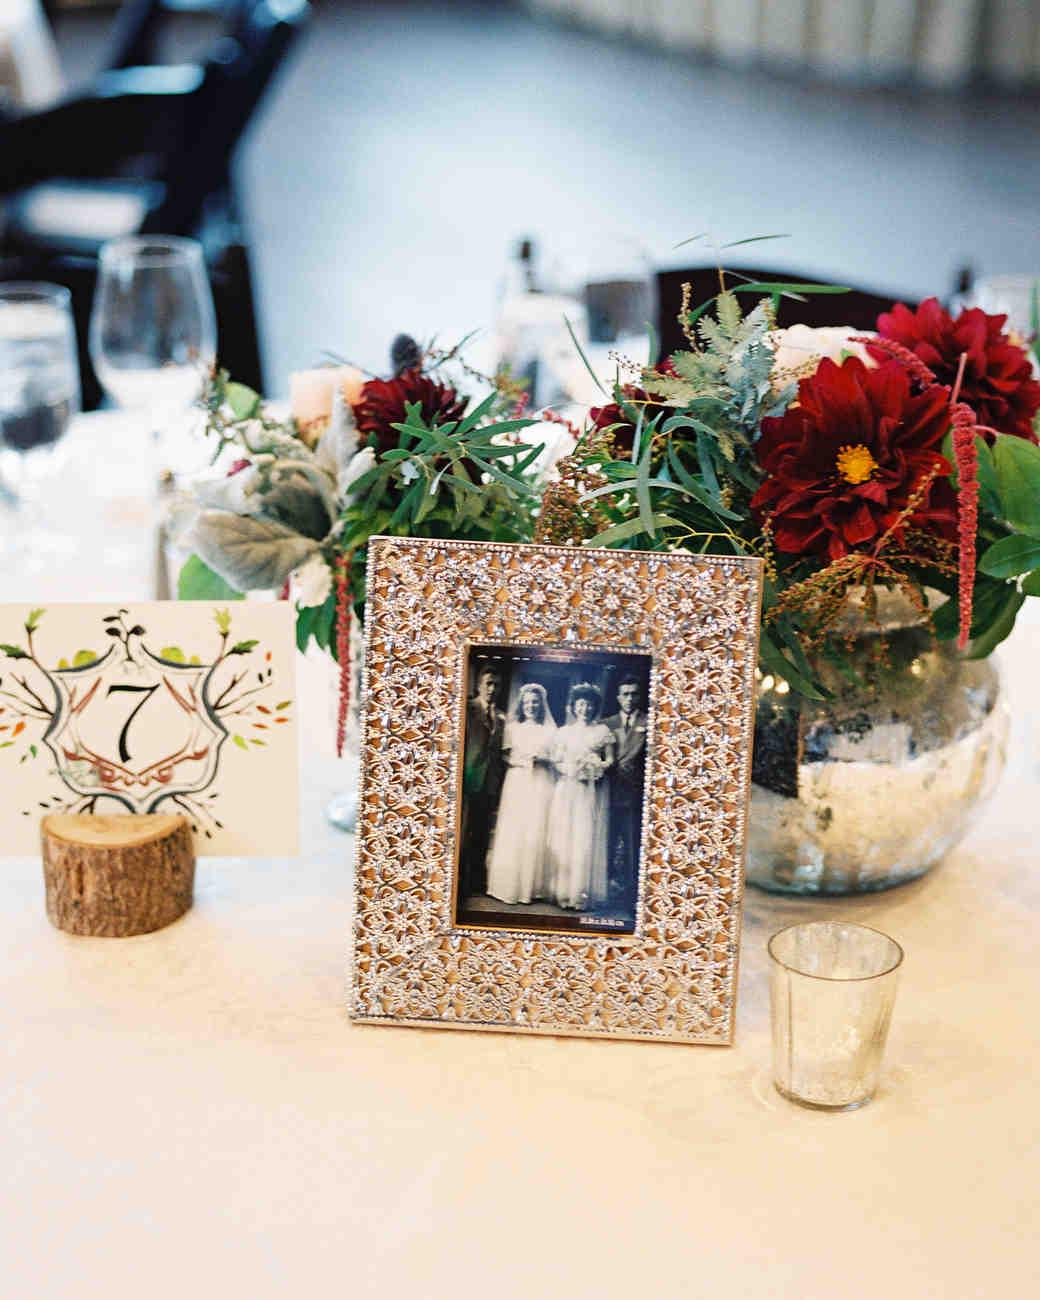 tiffany-nicholas-wedding-frames-132-s111339-0714.jpg